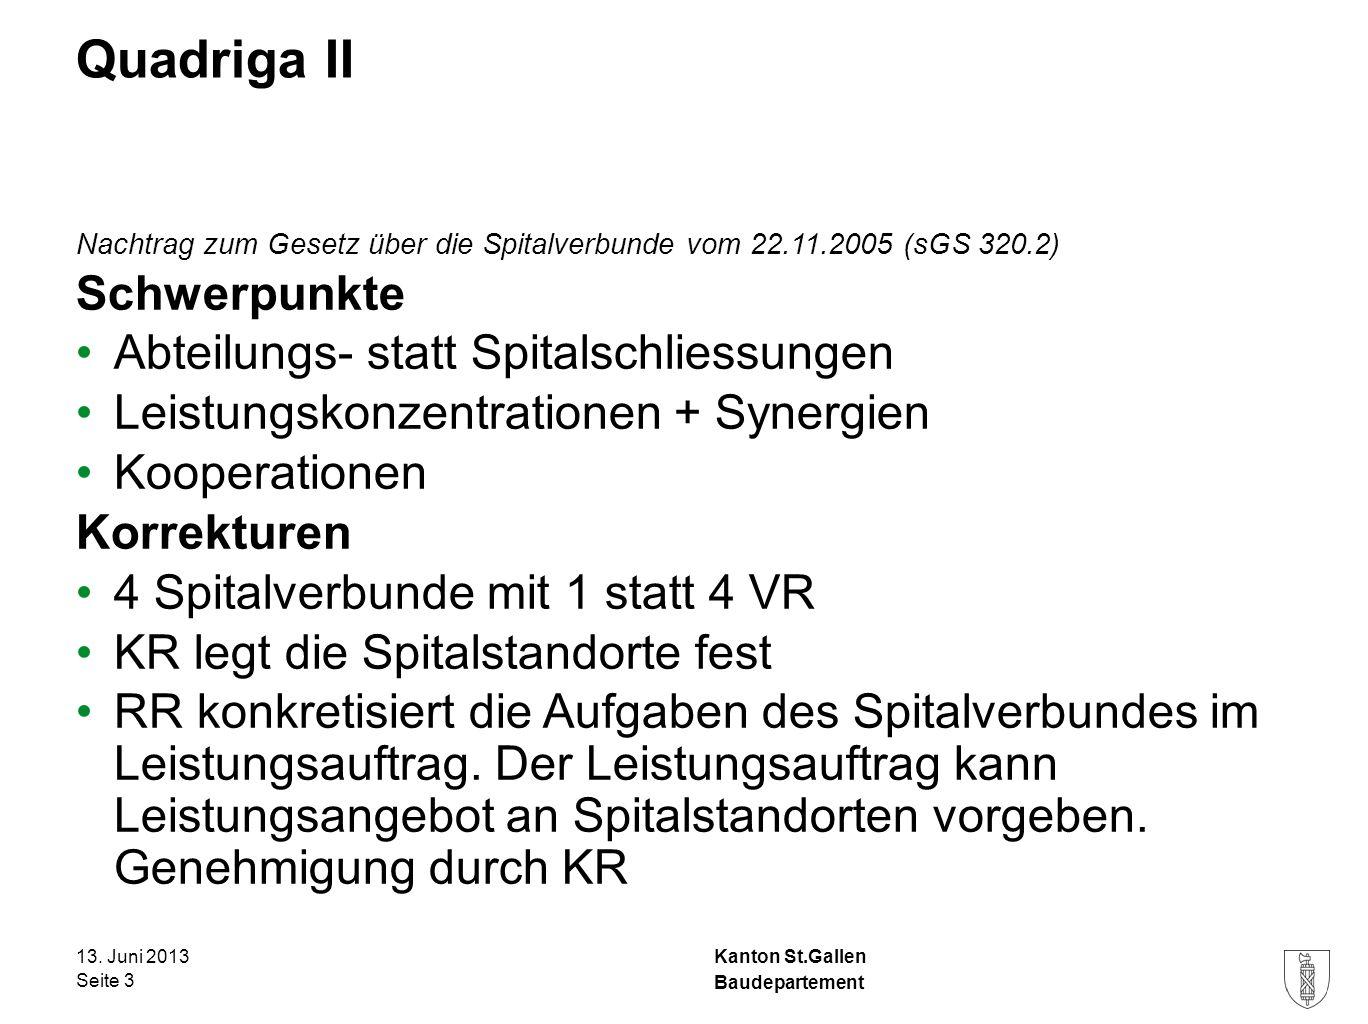 Kanton St.Gallen Quadriga II Nachtrag zum Gesetz über die Spitalverbunde vom 22.11.2005 (sGS 320.2) Schwerpunkte Abteilungs- statt Spitalschliessungen Leistungskonzentrationen + Synergien Kooperationen Korrekturen 4 Spitalverbunde mit 1 statt 4 VR KR legt die Spitalstandorte fest RR konkretisiert die Aufgaben des Spitalverbundes im Leistungsauftrag.